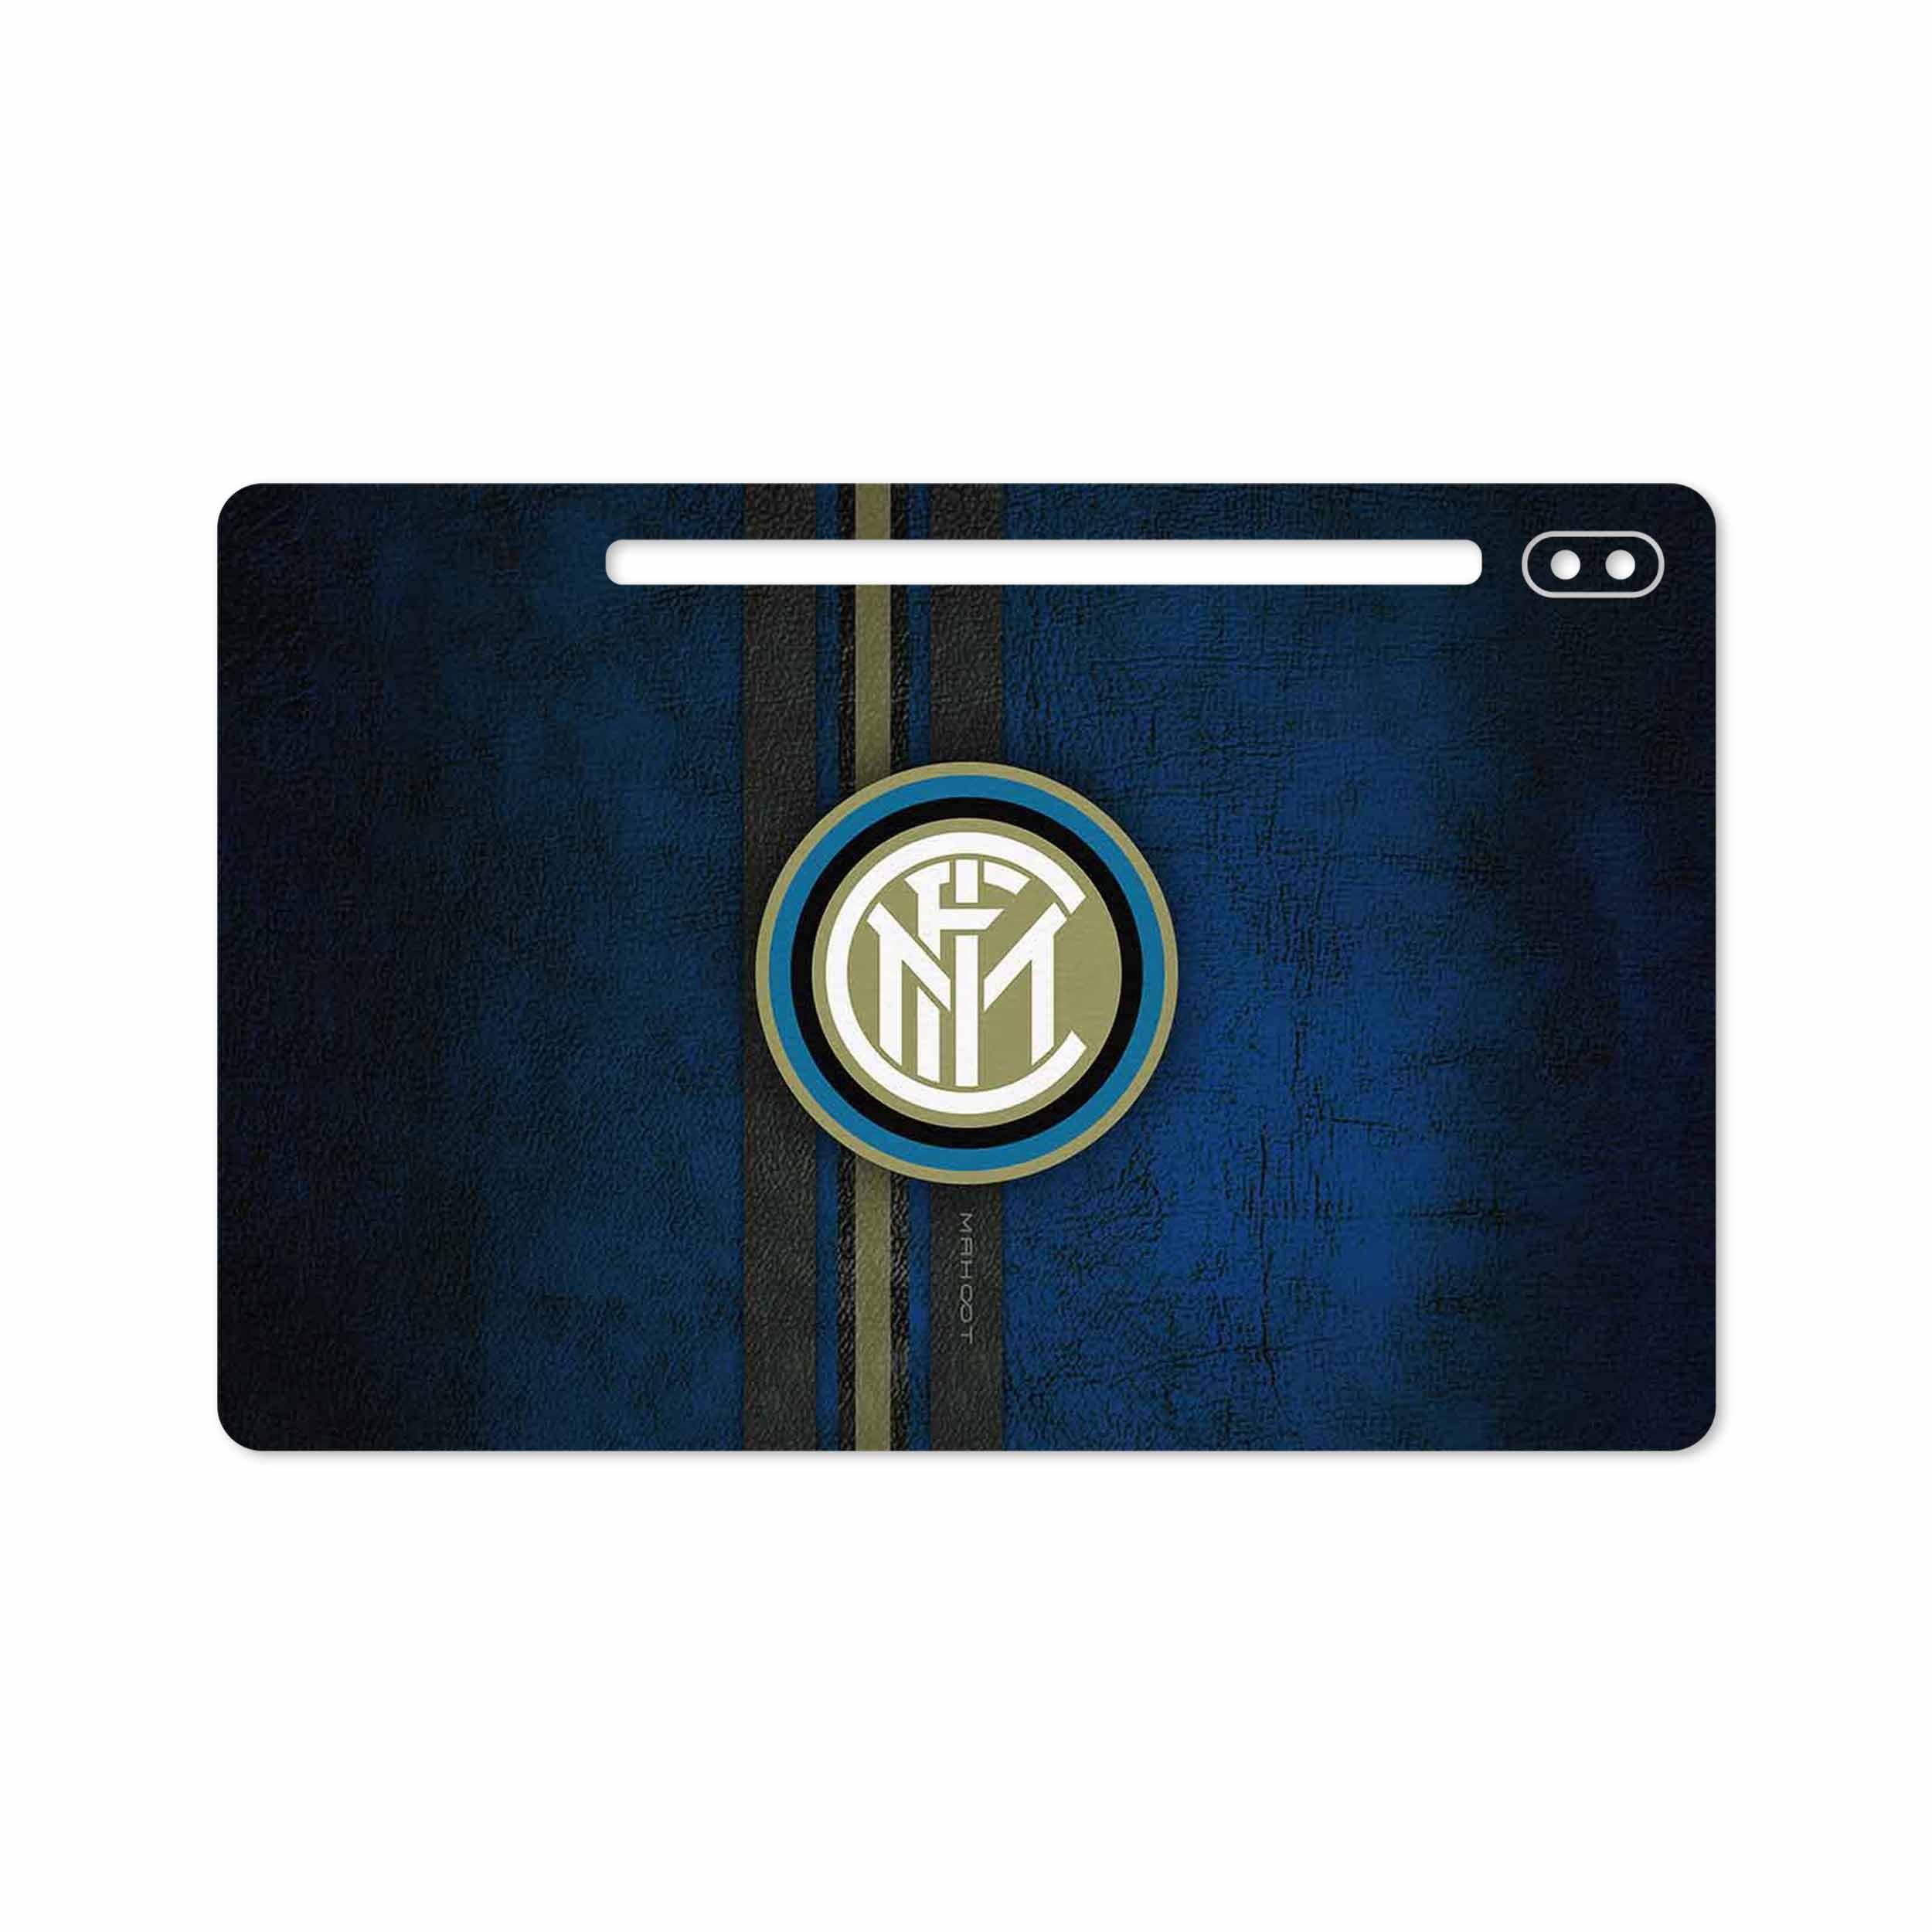 بررسی و خرید [با تخفیف]                                     برچسب پوششی ماهوت مدل Inter-Milan مناسب برای تبلت سامسونگ Galaxy Tab S6 2019 SM-T865                             اورجینال